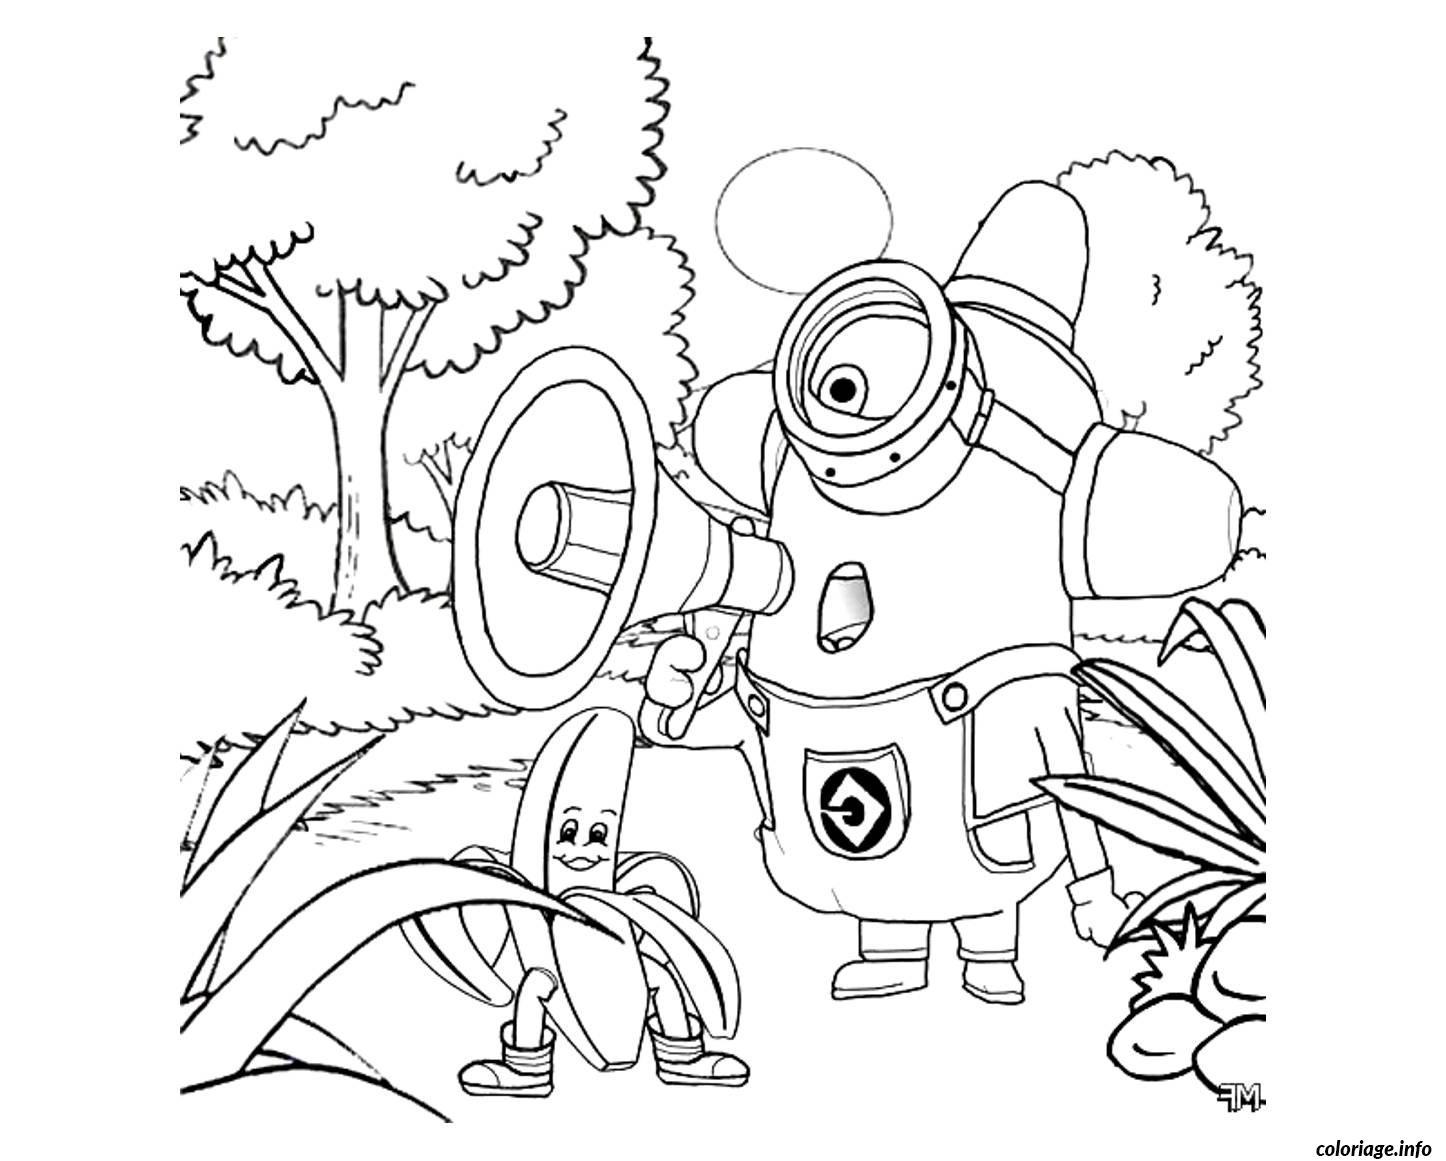 Coloriage Dessin Minion Dans La Foret dessin